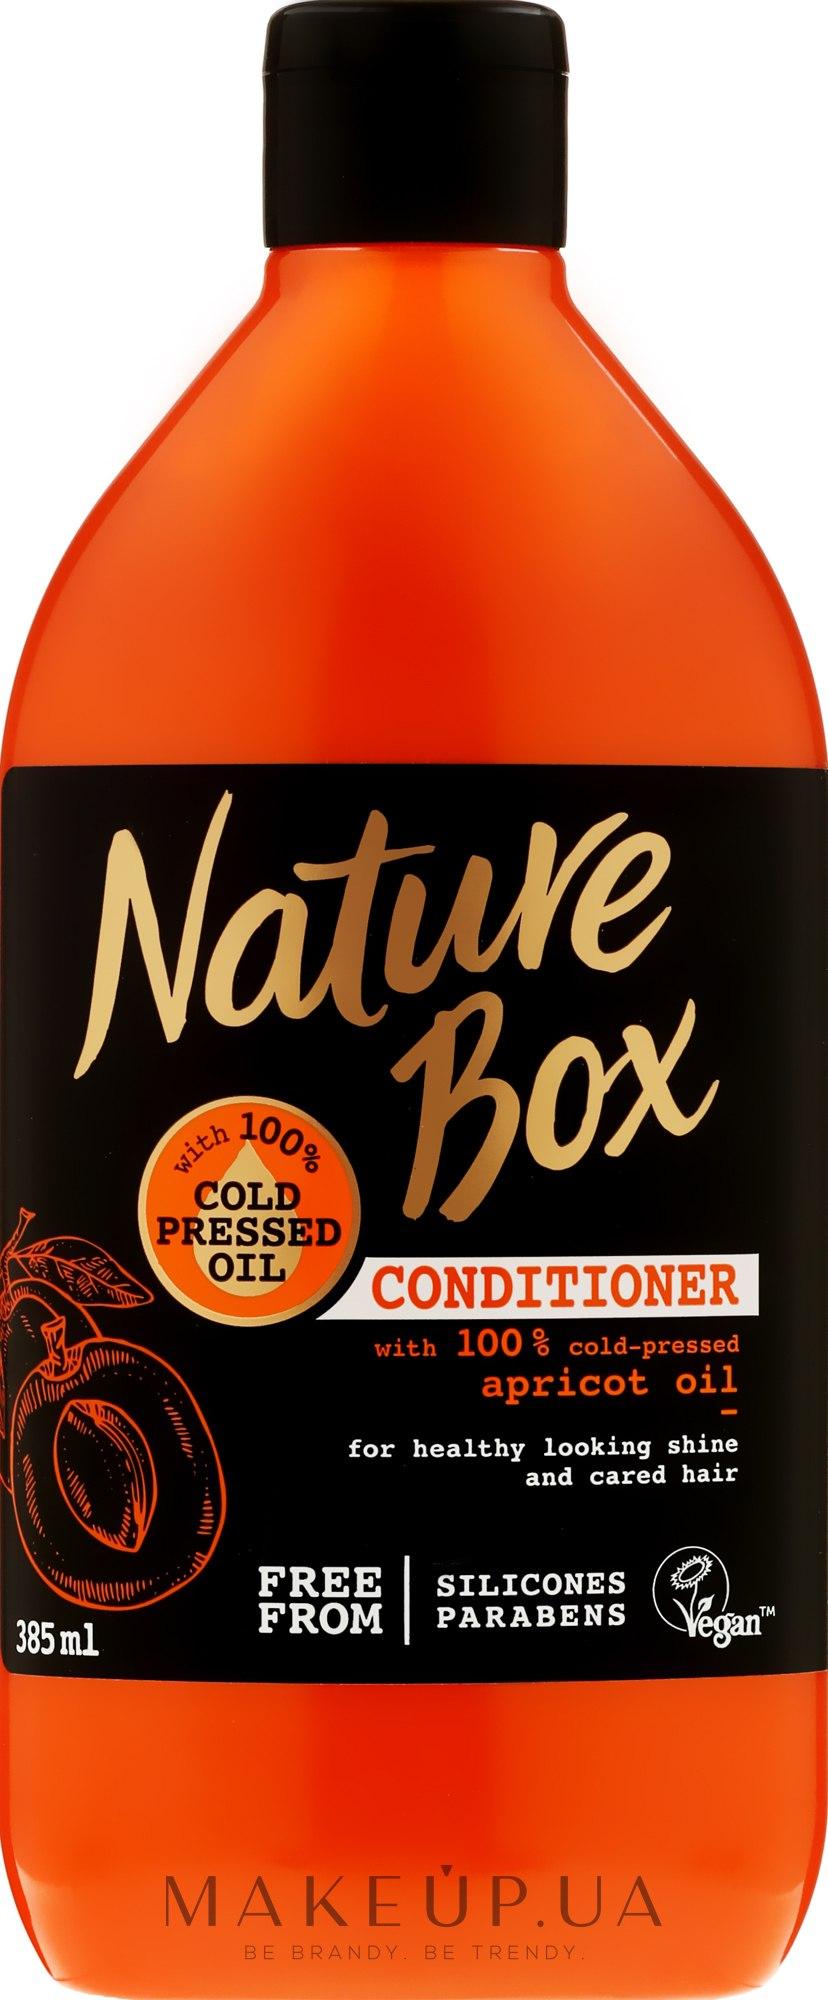 Кондиционер для волос с абрикосовым маслом - Nature Box Apricot Oil Conditioner — фото 385ml